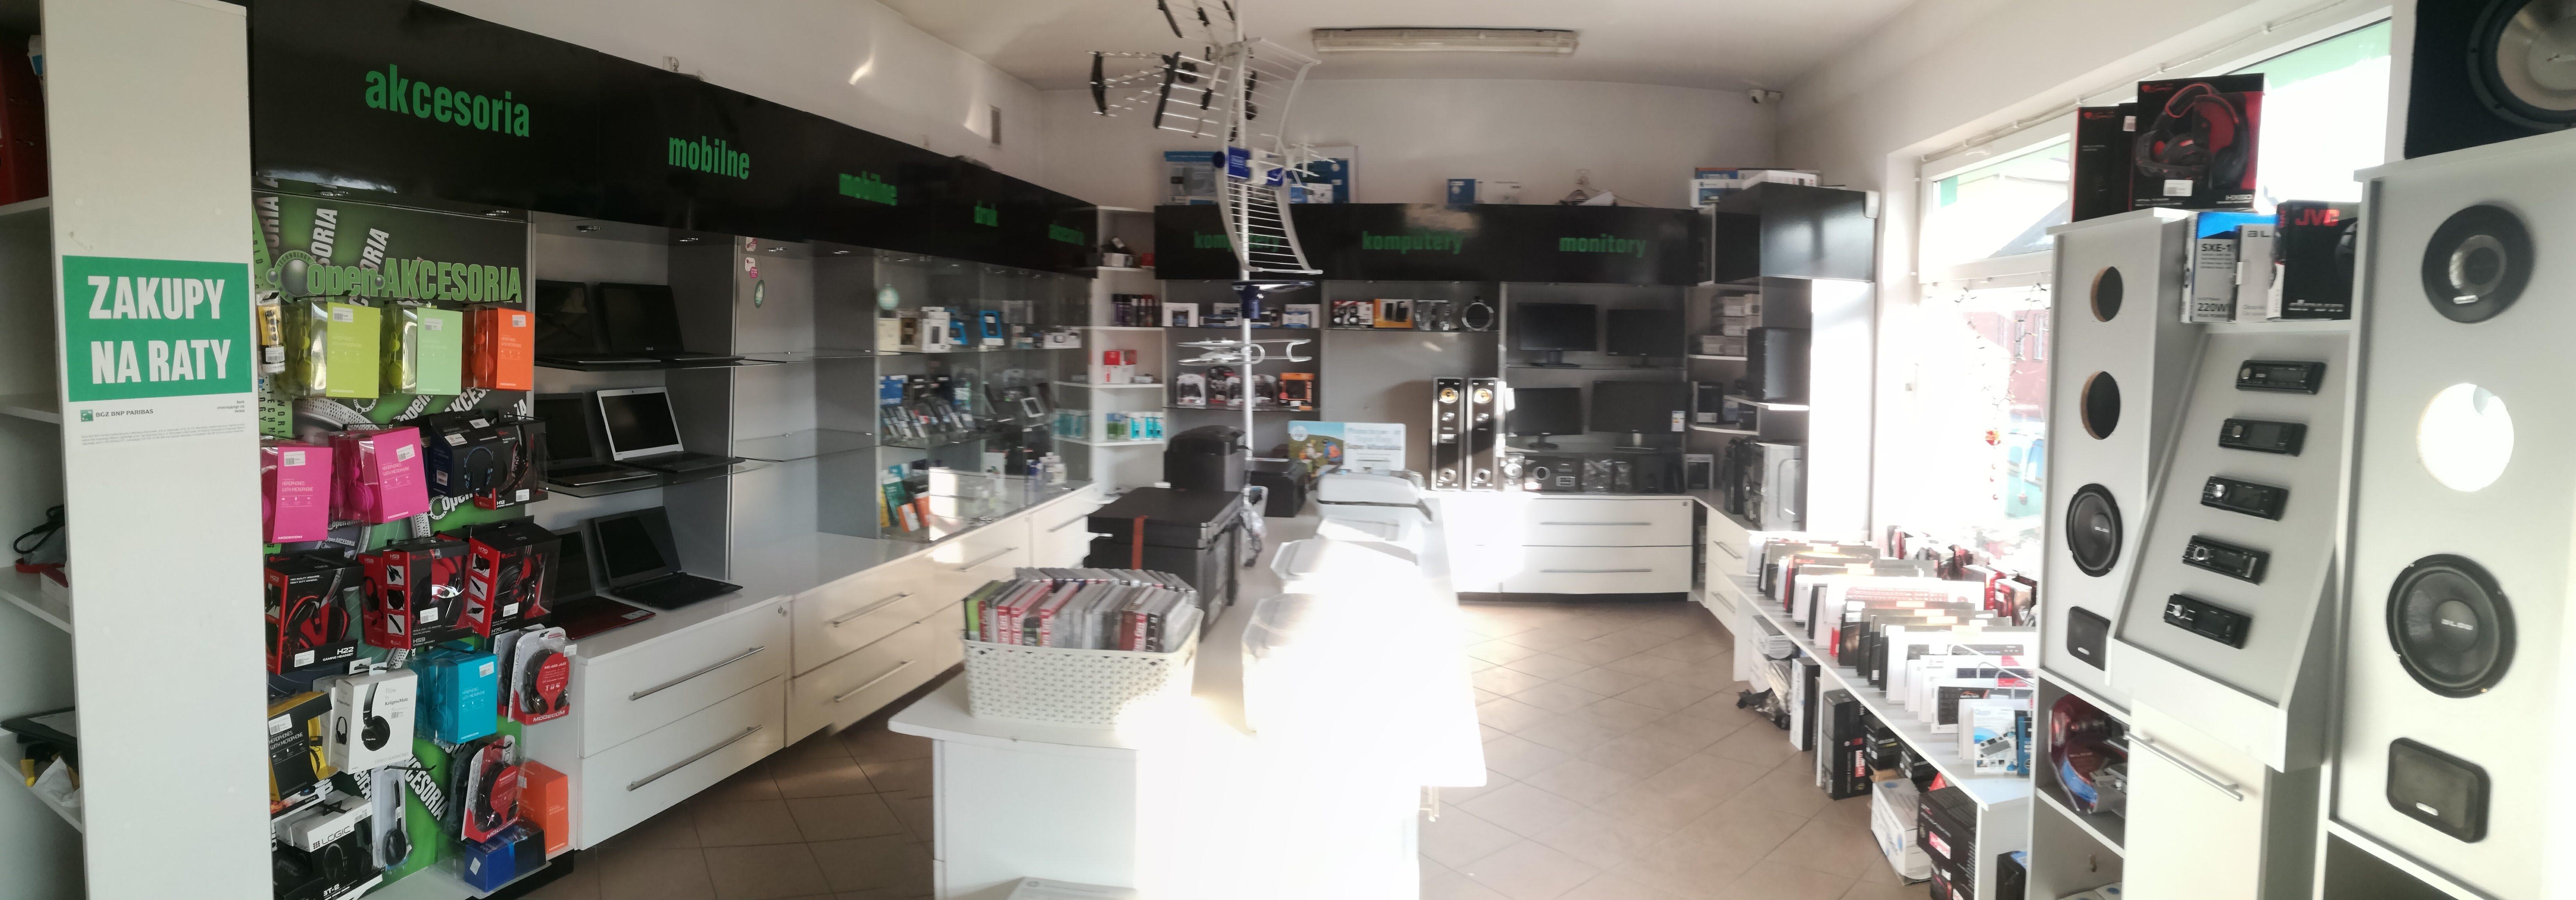 salon komputerowy goltronet golub-dobrzyń